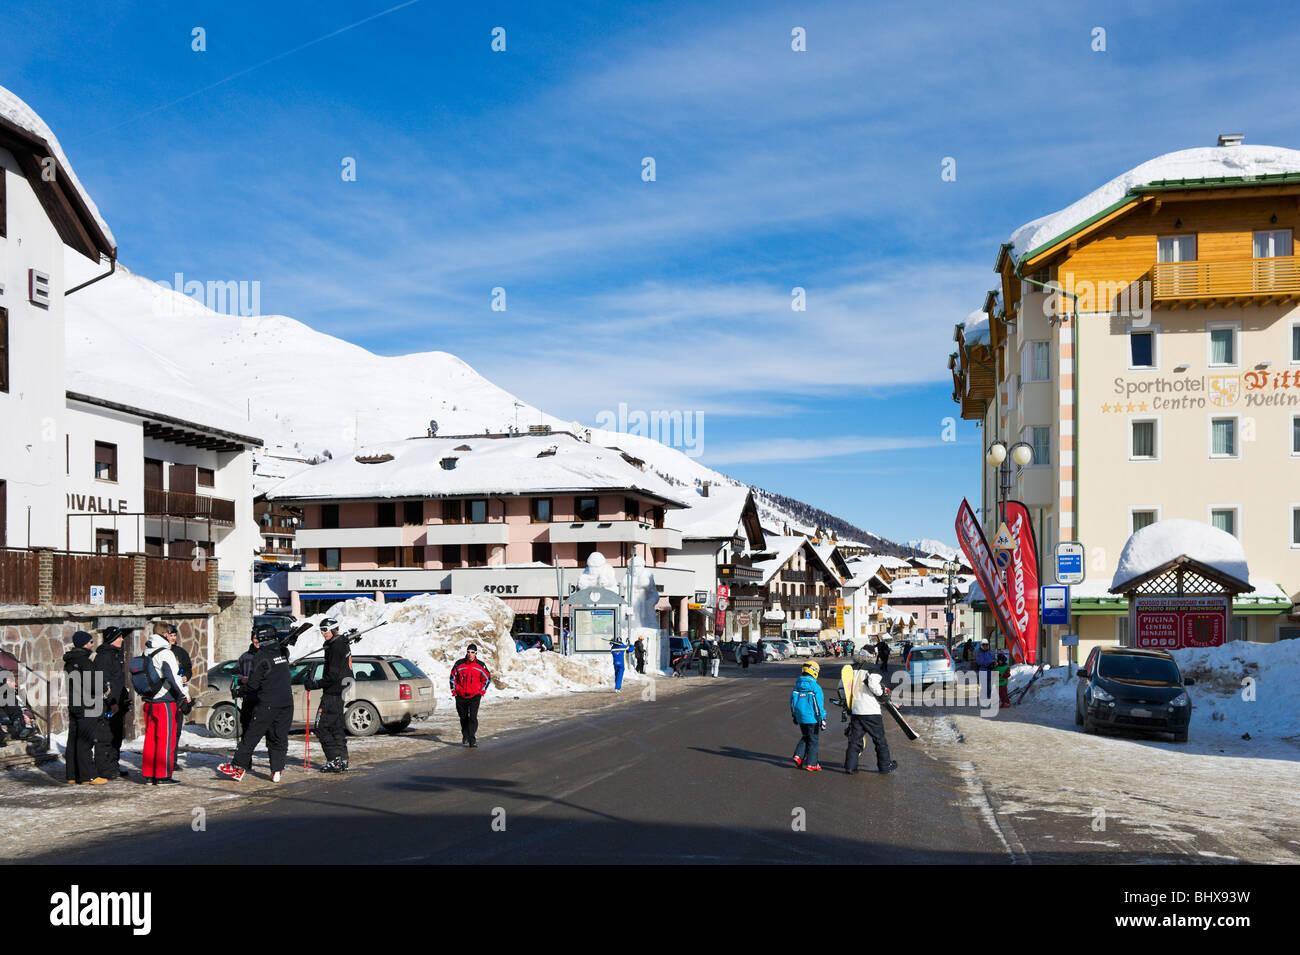 Strada principale nel centro del resort, Passo Tonale, Trentino, Italia Immagini Stock